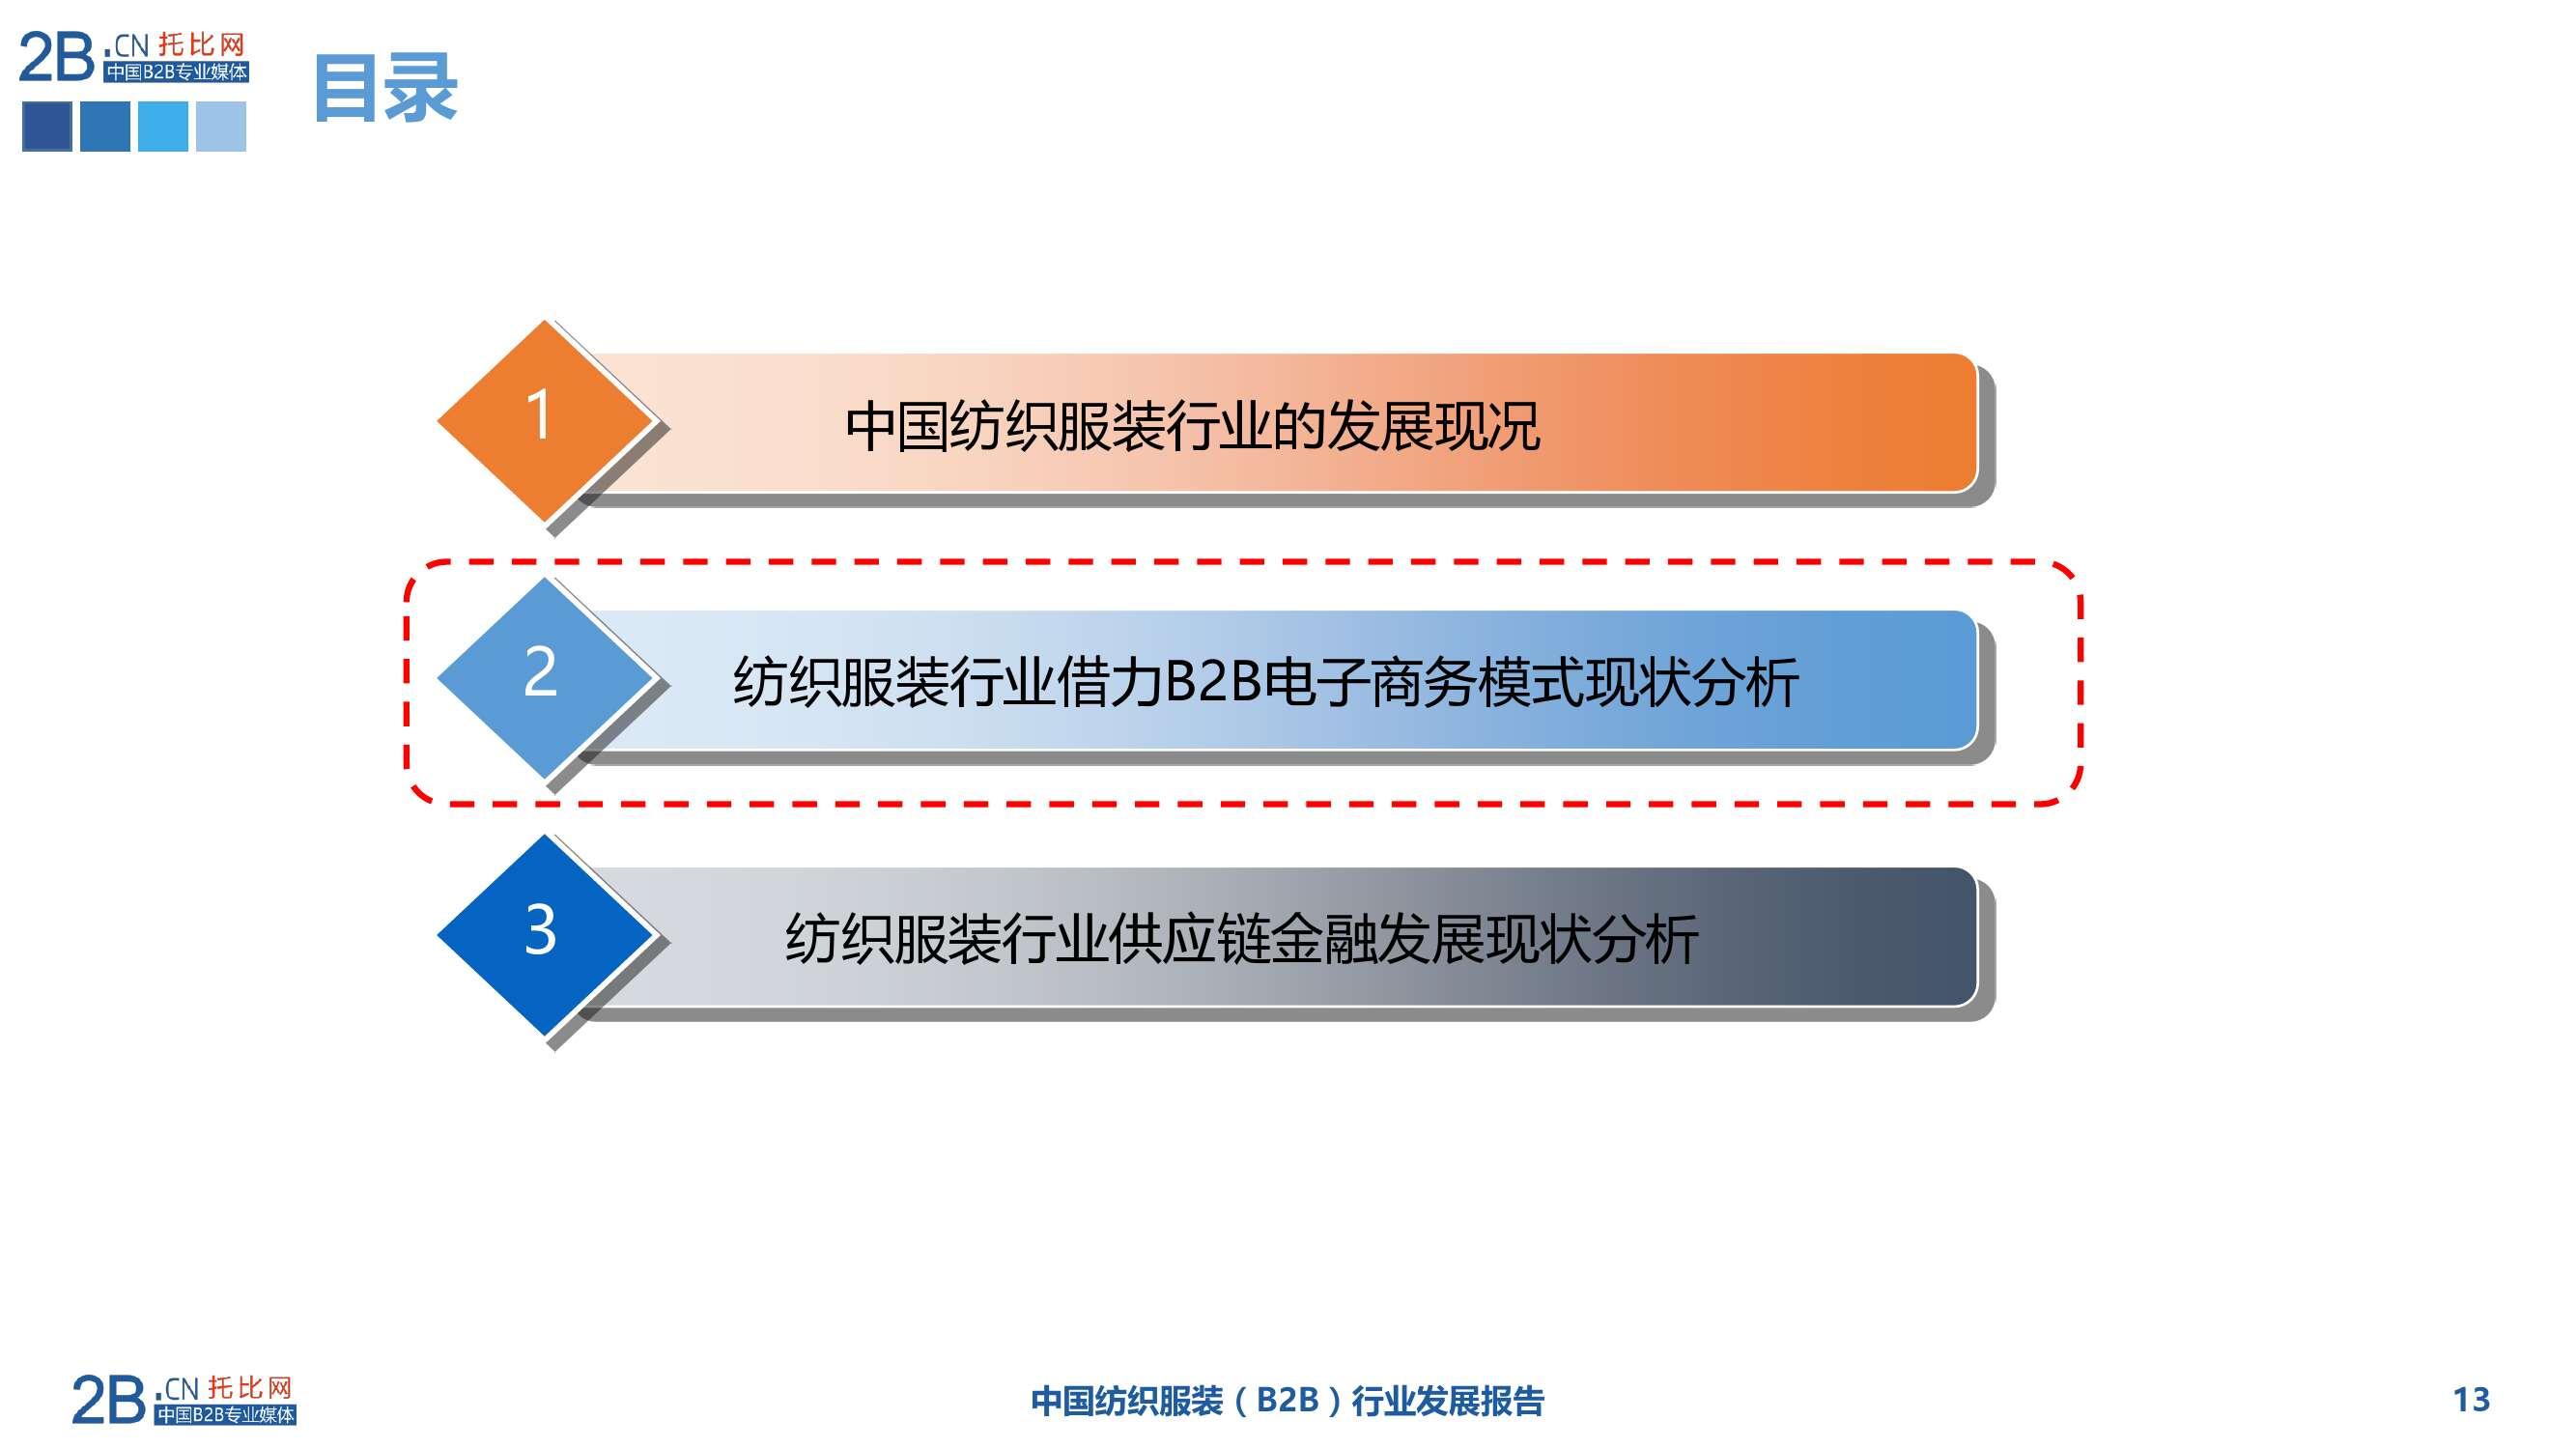 2015年中国纺织服装B2B行业发展报告_000013